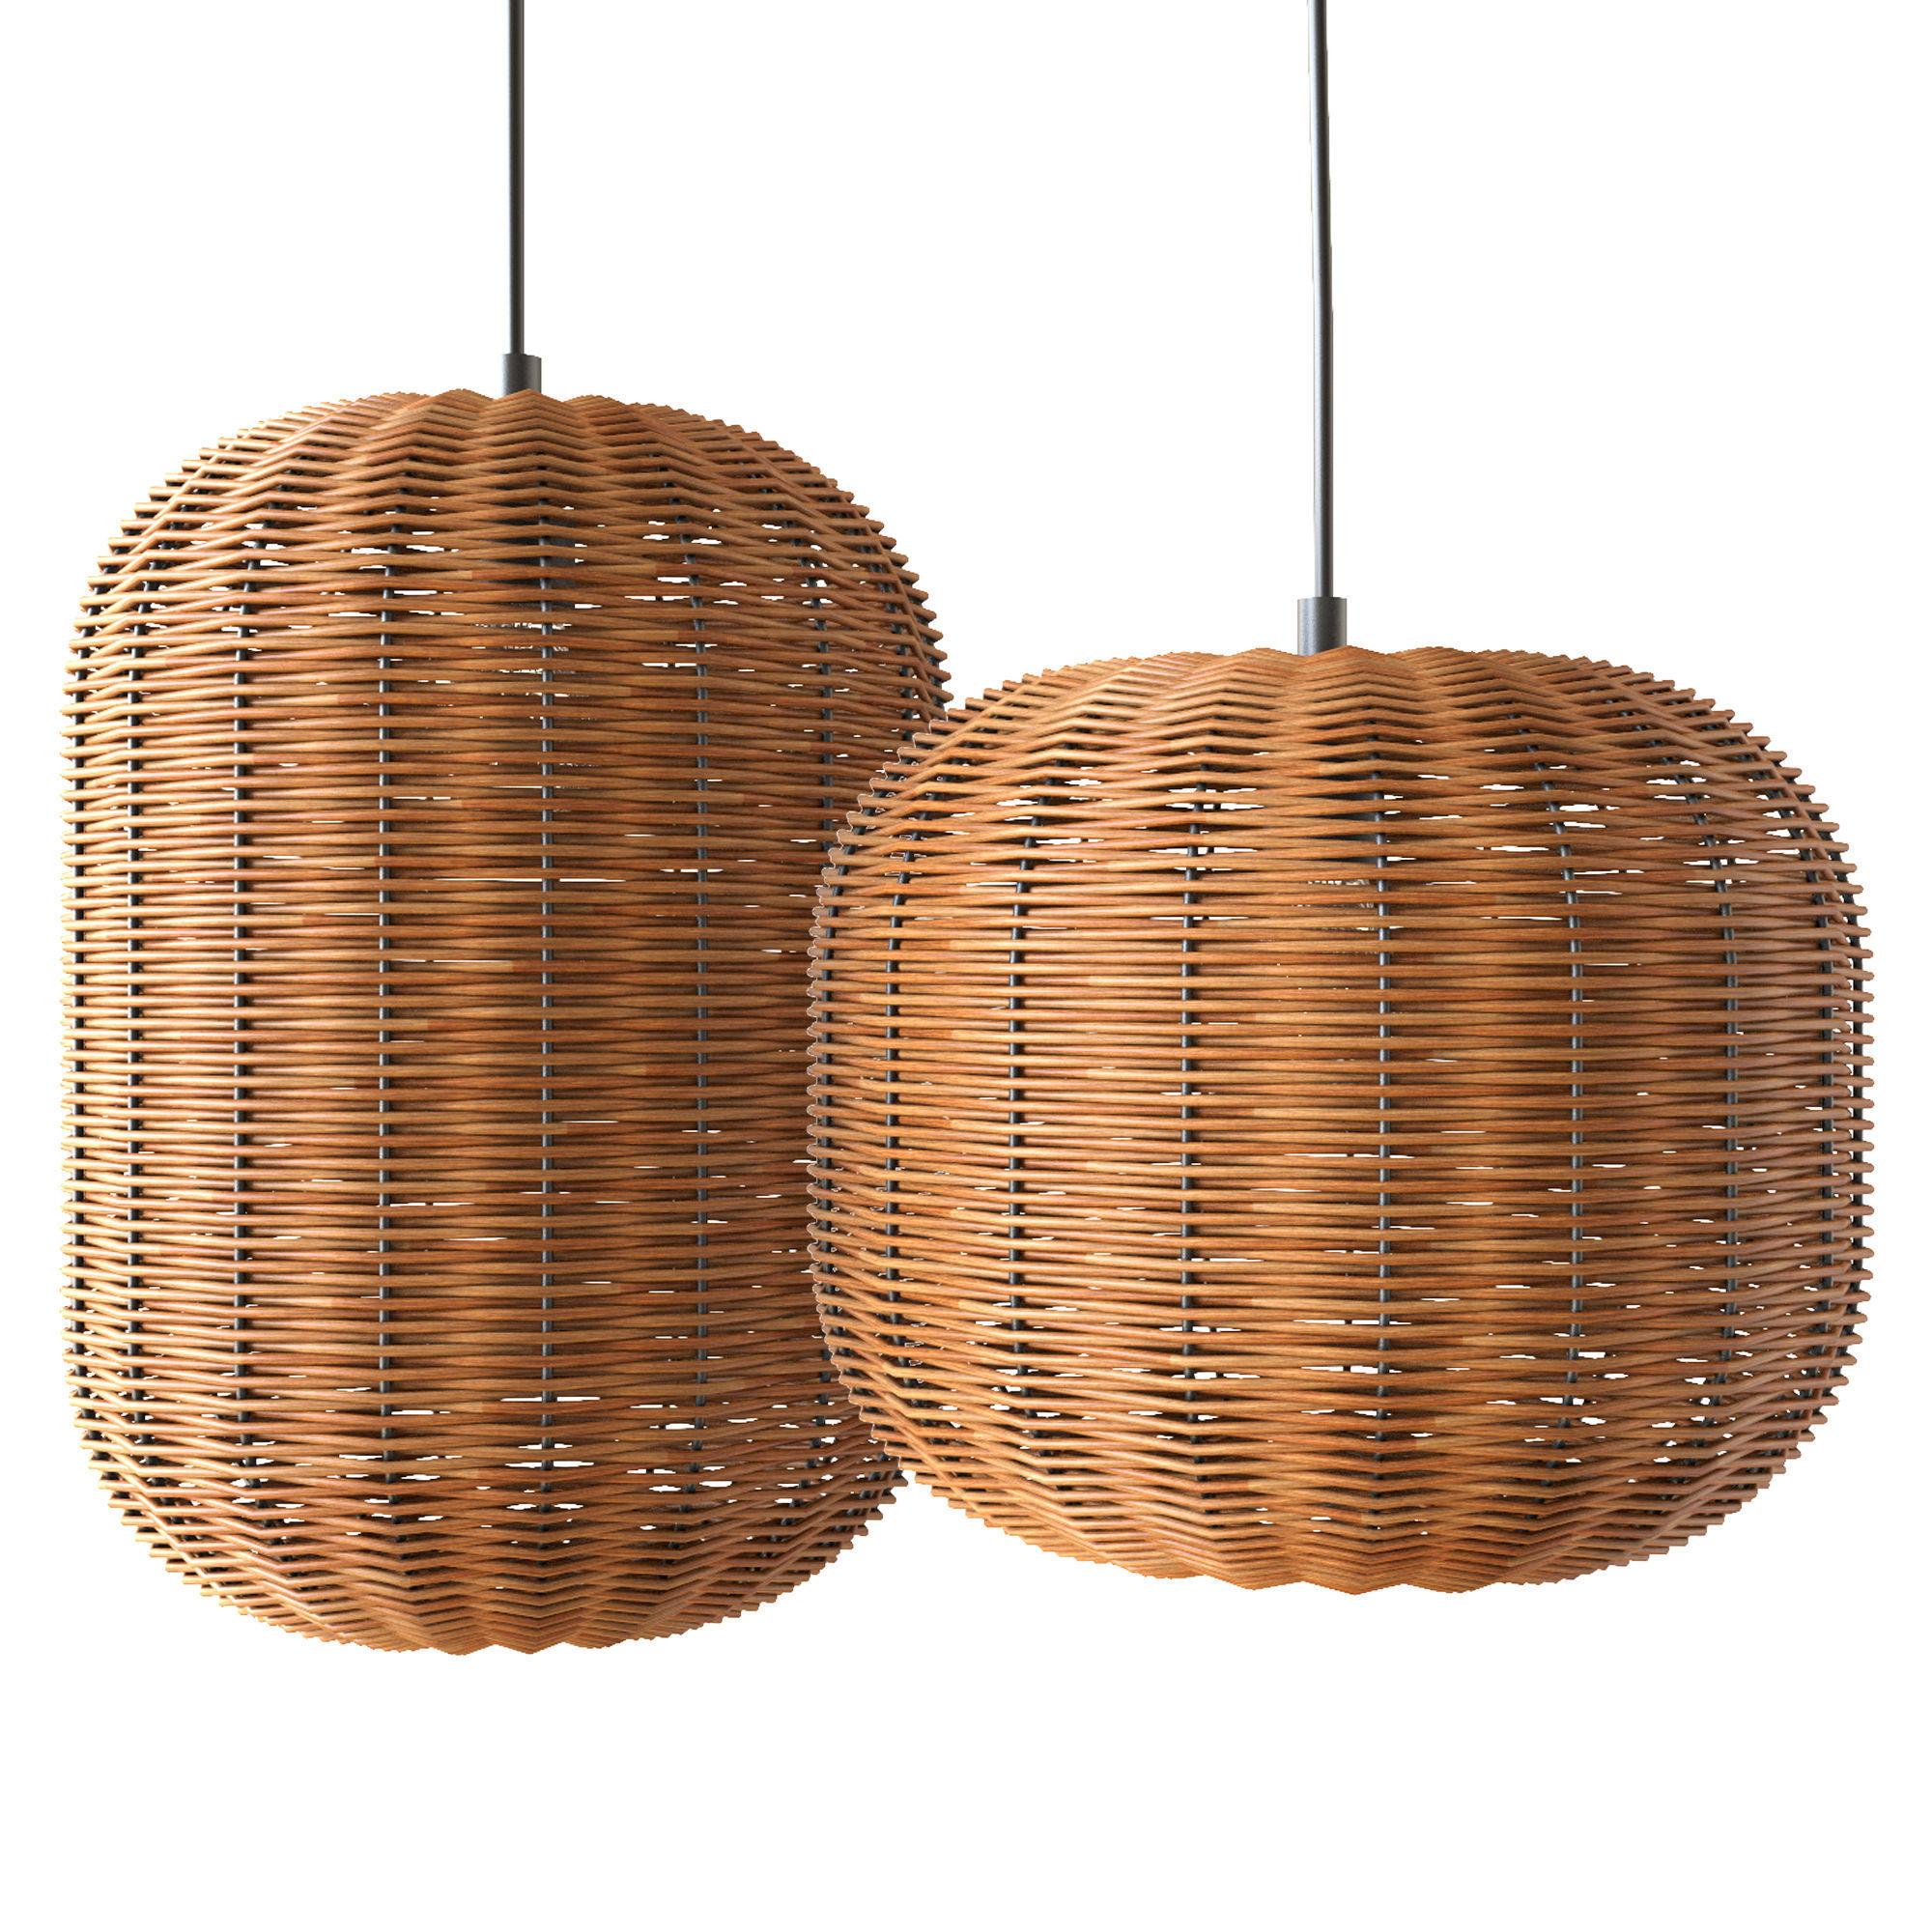 Rattan And Metal Ceiling Lamp